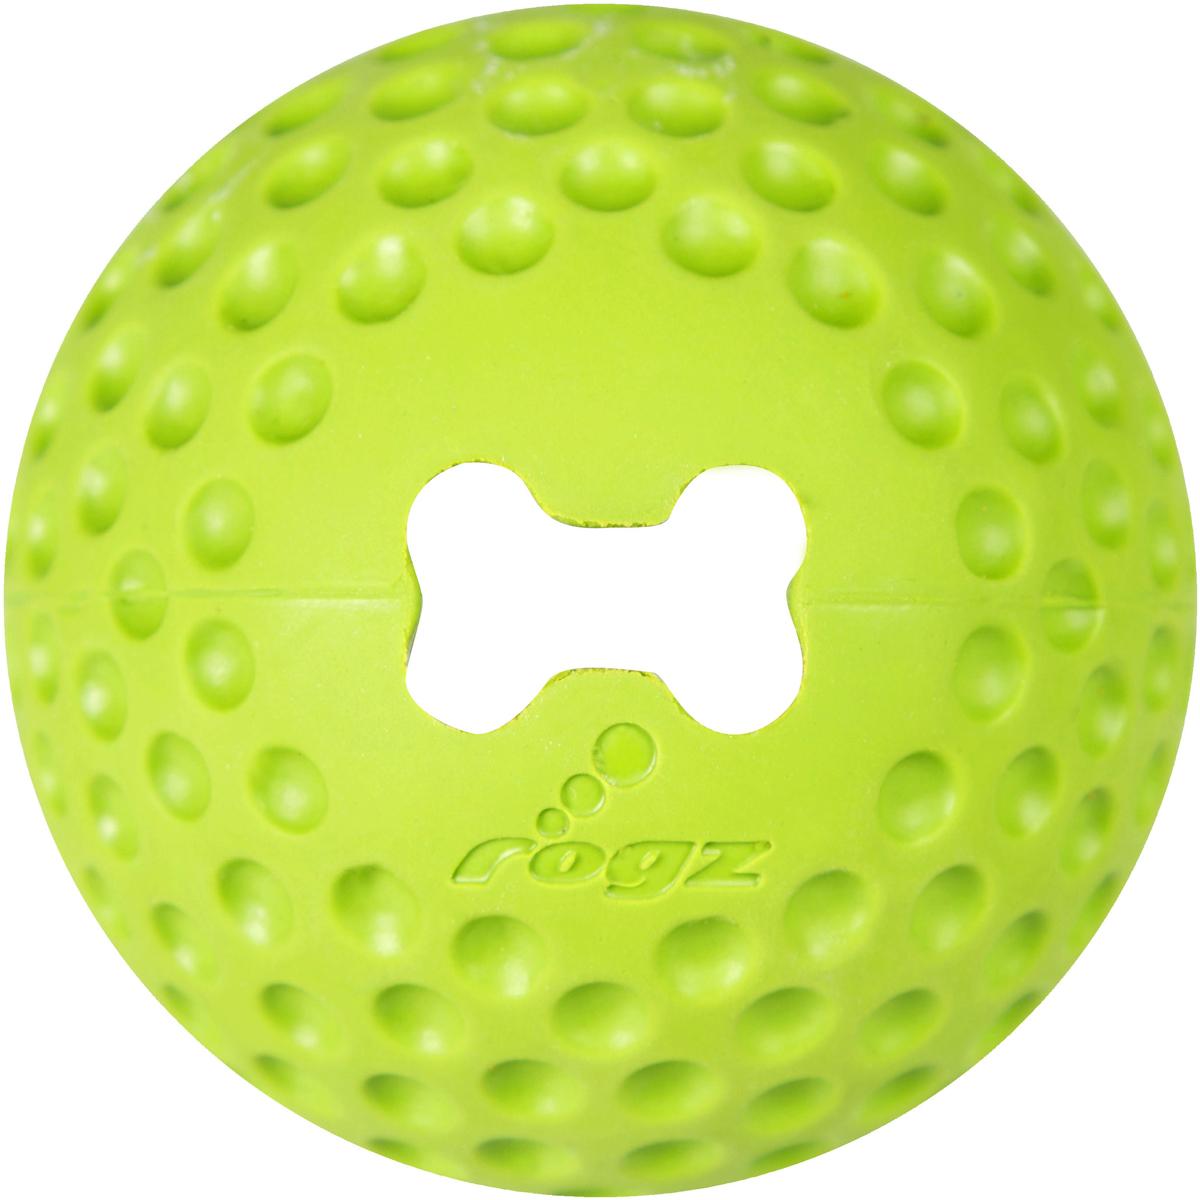 Игрушка для собак Rogz Gumz, с отверстием для лакомства, цвет: лайм, диаметр 4,9 см игрушка для собак rogz yumz косточка с отверстием для лакомства цвет лайм длина 11 5 см